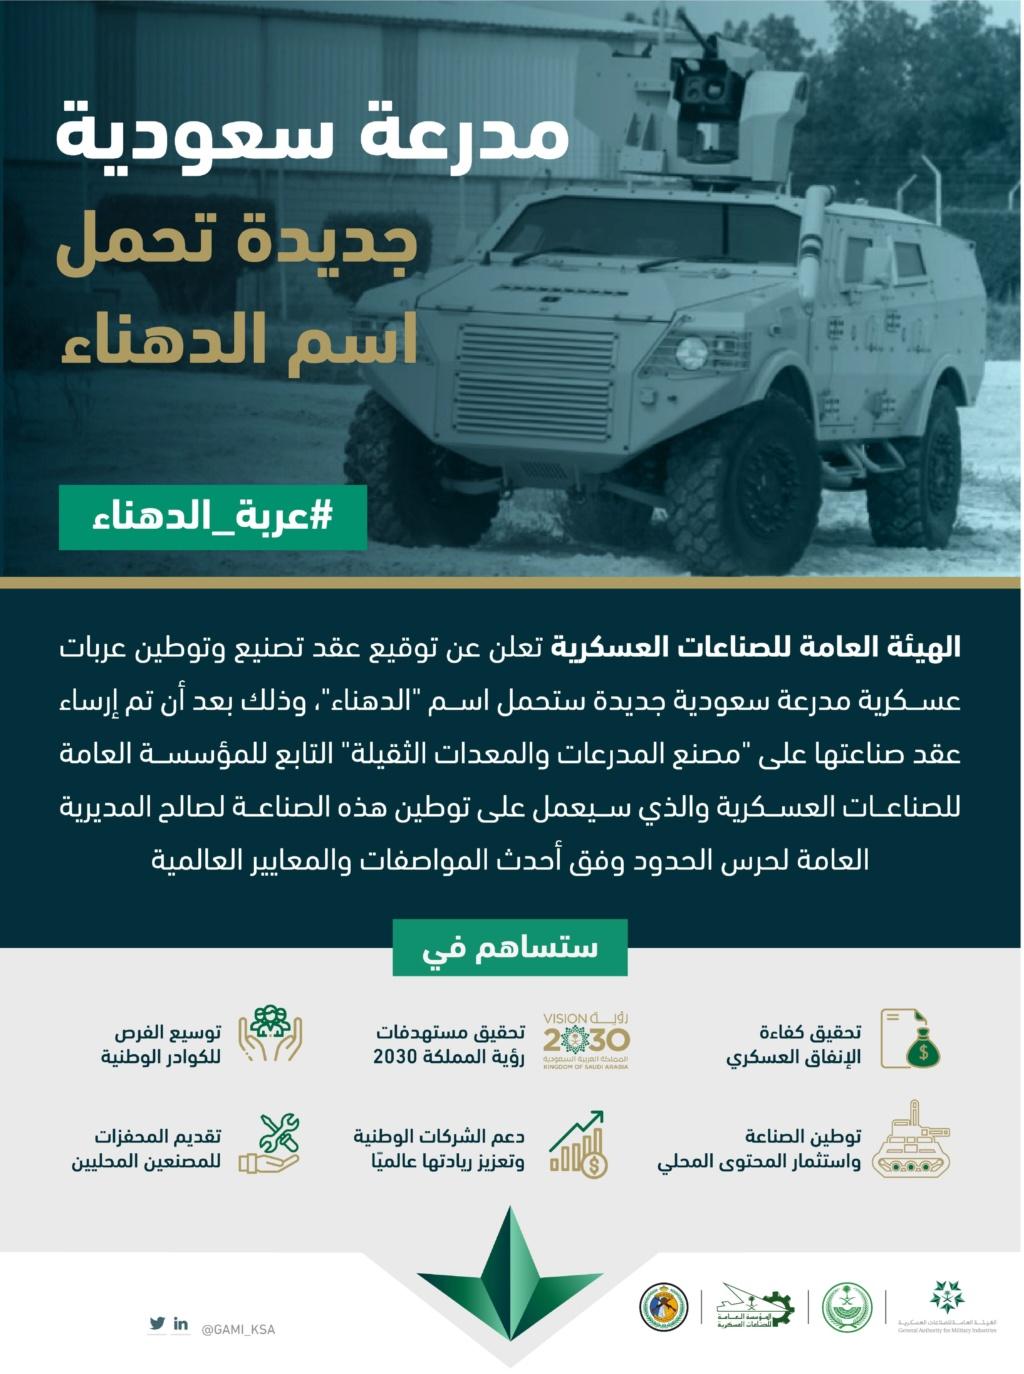 """السعودية توقع عقد تصنيع وتوطين مدرعات عسكرية باسم """"الدهناء"""" Eb14sc10"""